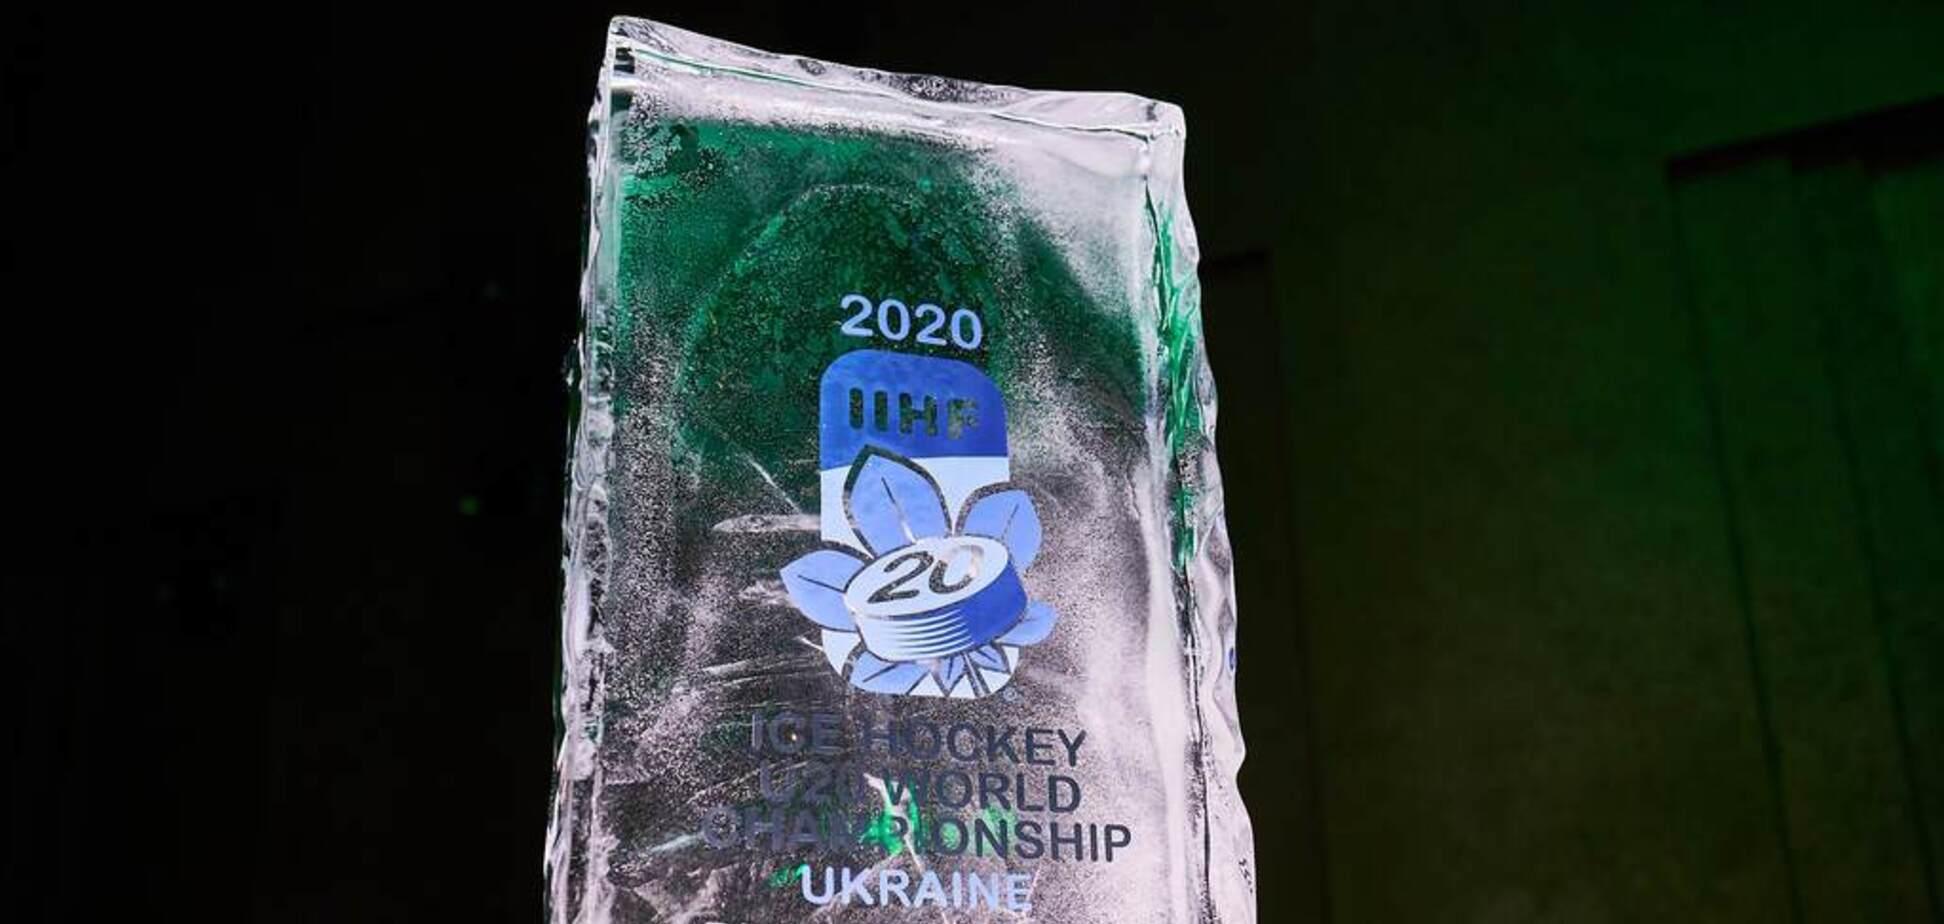 Киев принимает чемпионат мира: что сегодня происходит в украинском хоккее